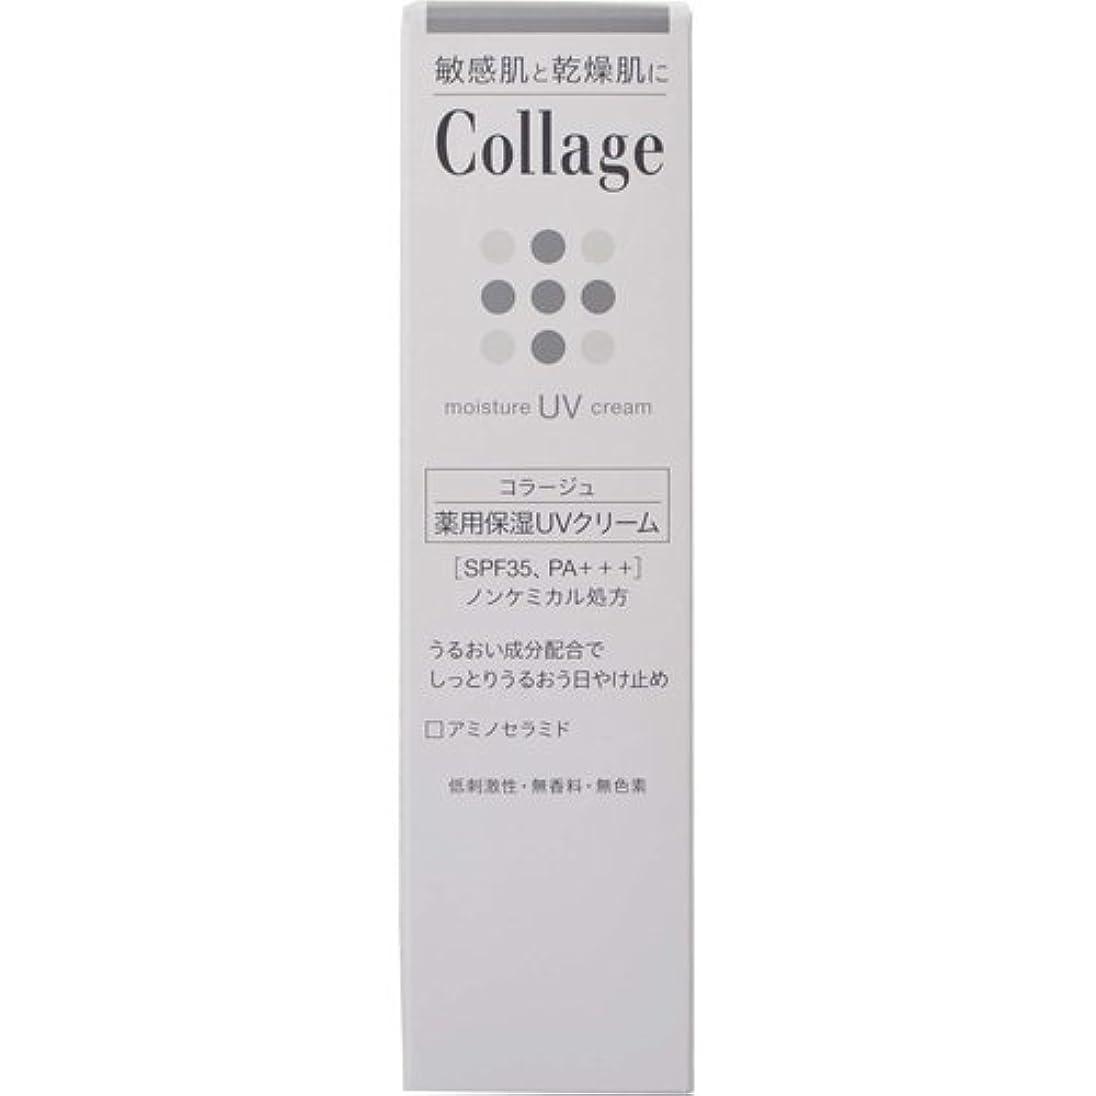 代替役に立つくるみコラージュ 薬用保湿UVクリーム 30g 【医薬部外品】